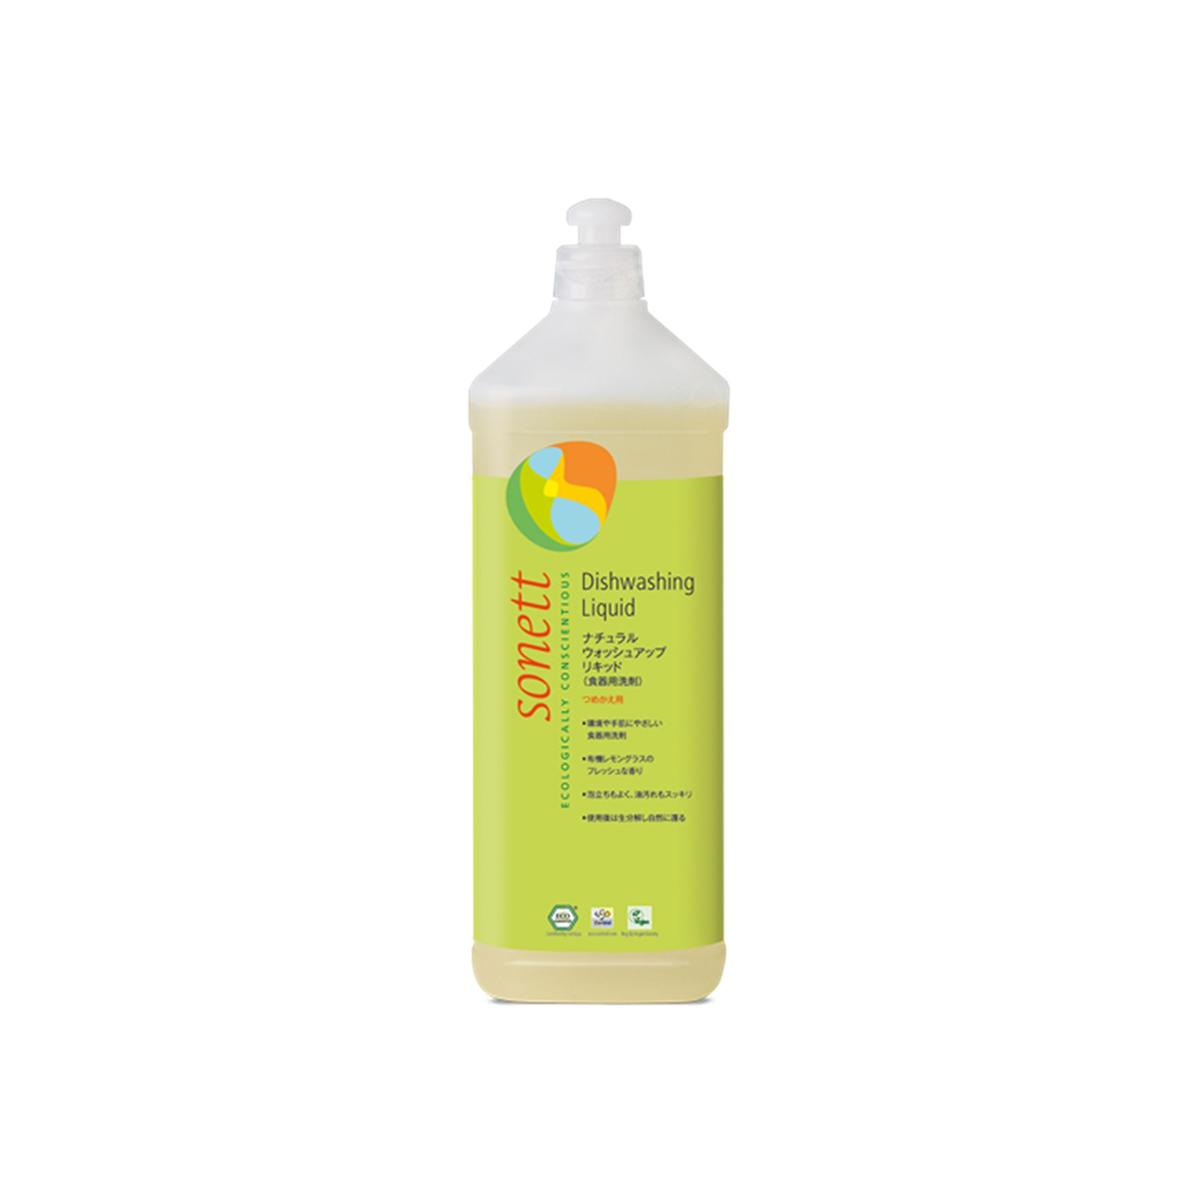 ソネット|ナチュラルウォッシュアップリキッド(食器用洗剤)1L ...